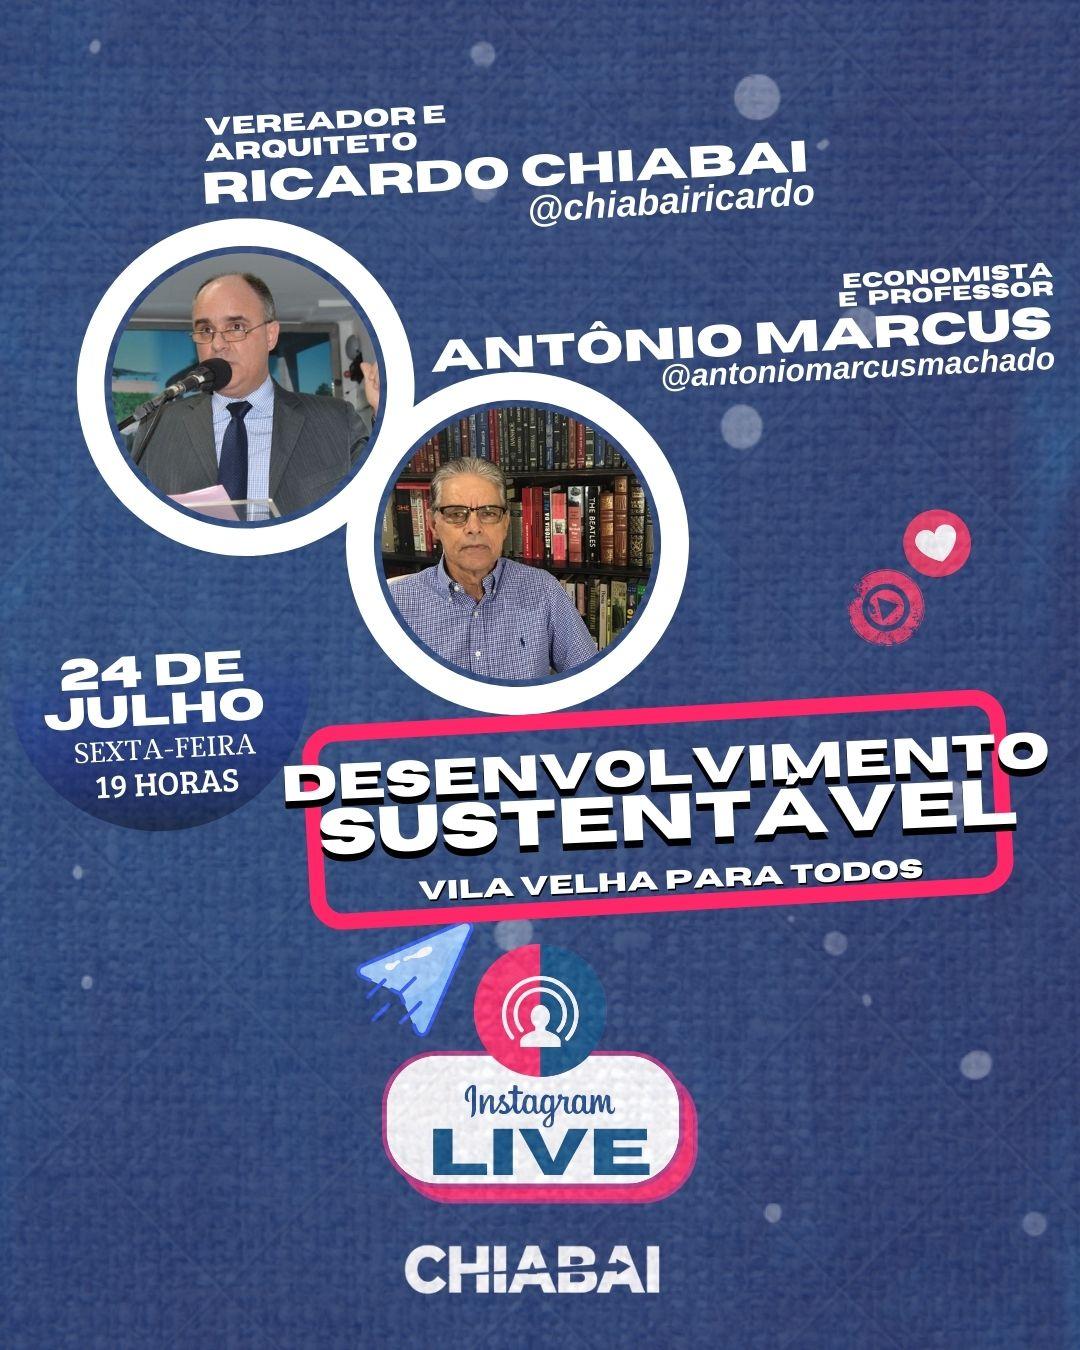 LIVE: Desenvolvimento Sustentável   Vila Velha para todos